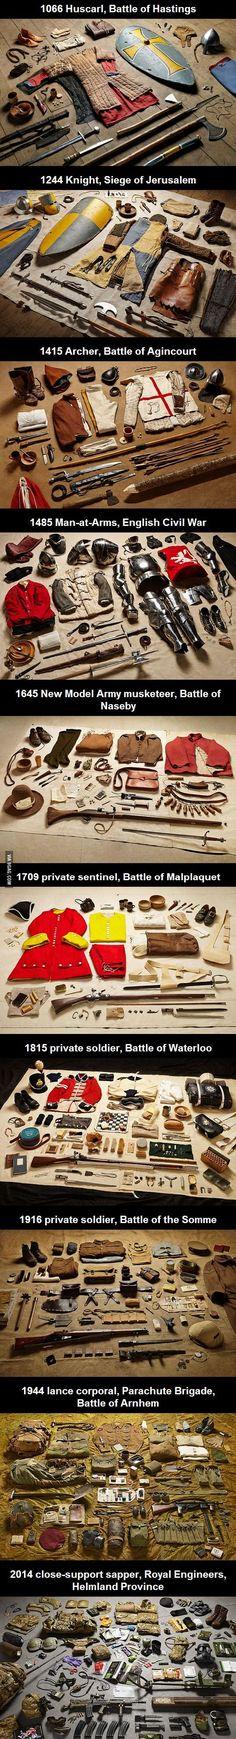 Uniformi militari storici degli ultimi 1000 anni